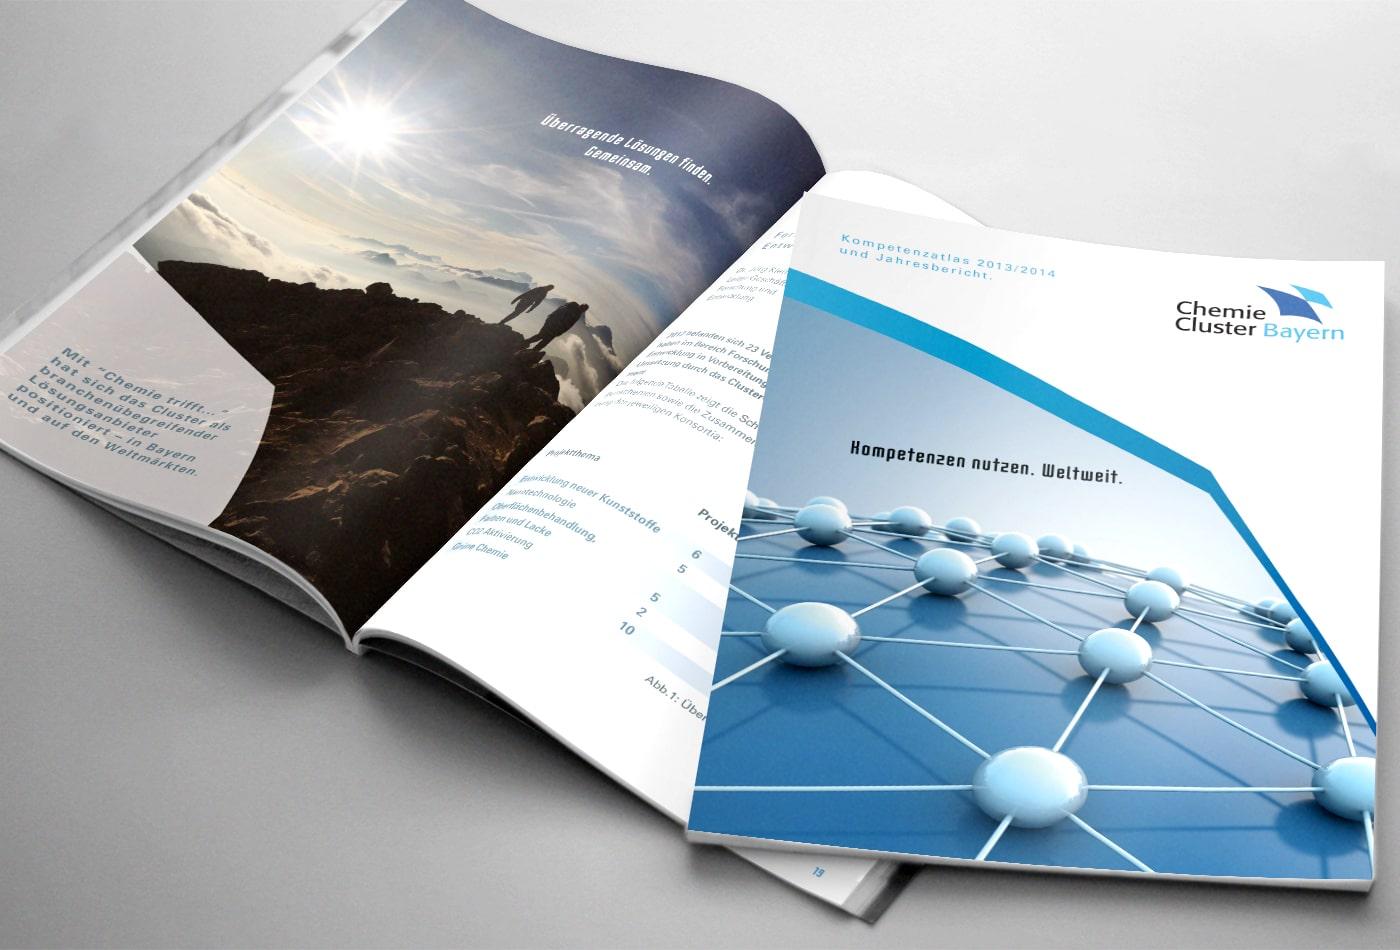 wildefreunde-kunde-chemiecluster-magazin-14000x950-min